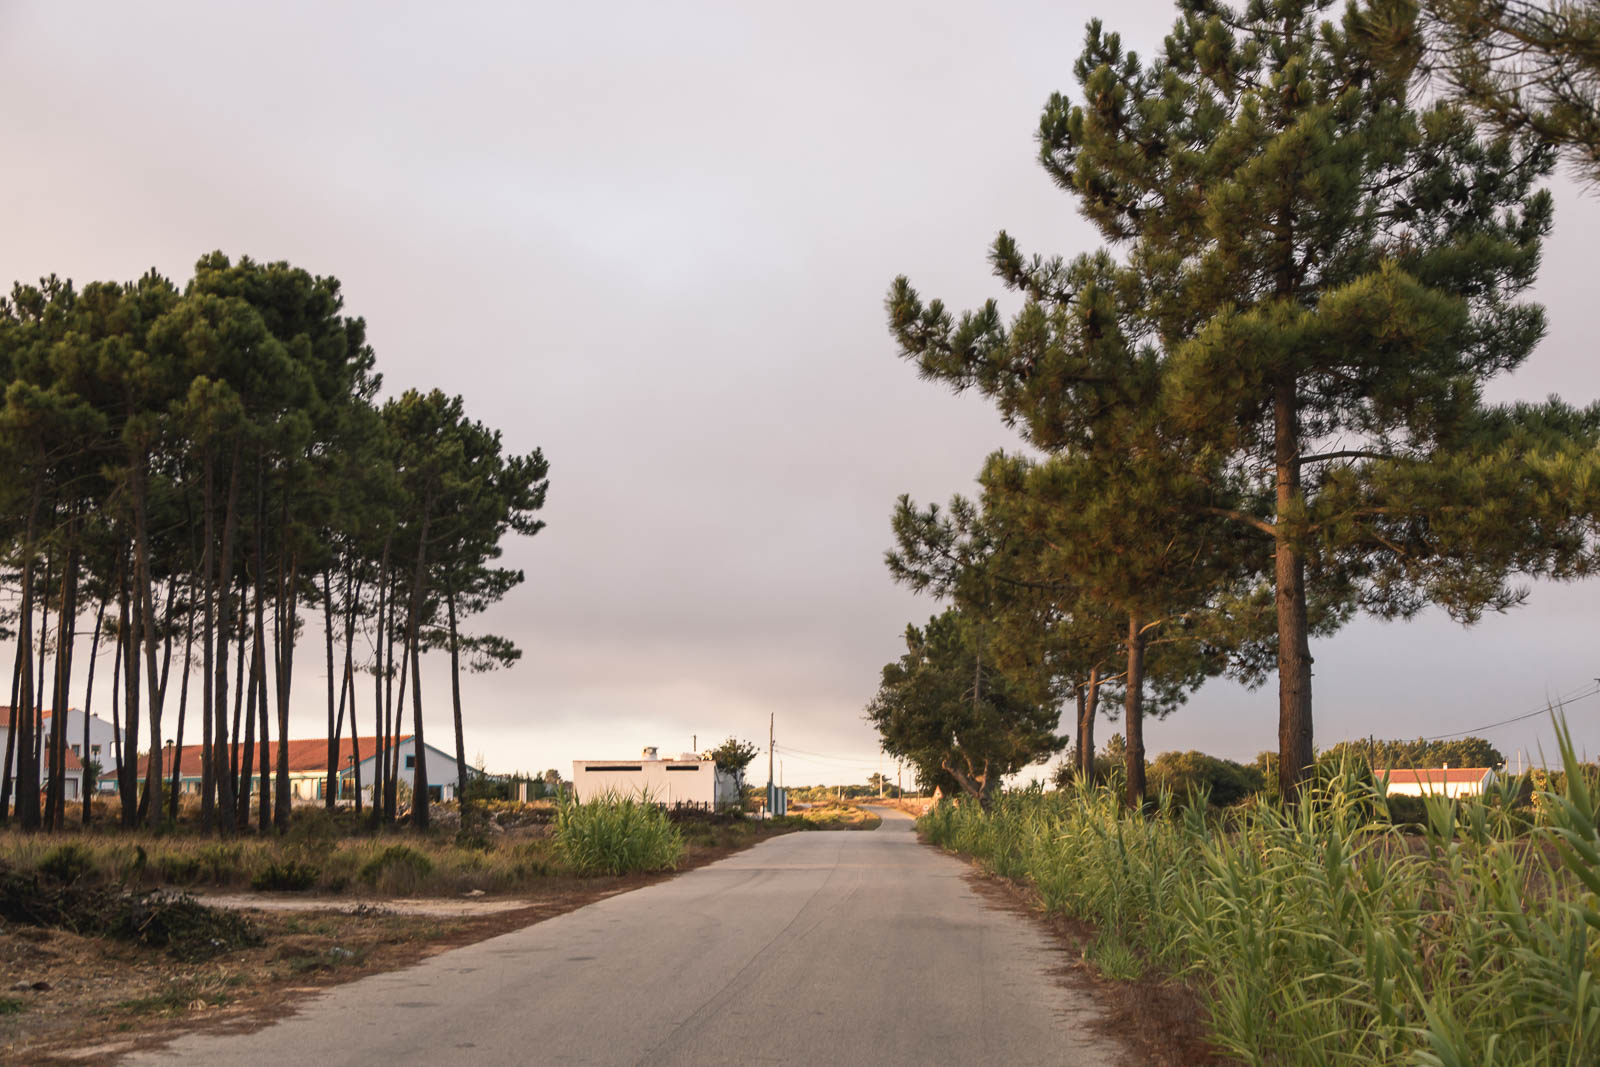 6ª Etapa no Caminho Histórico, de Odeceixe à Arrifana_Num Postal